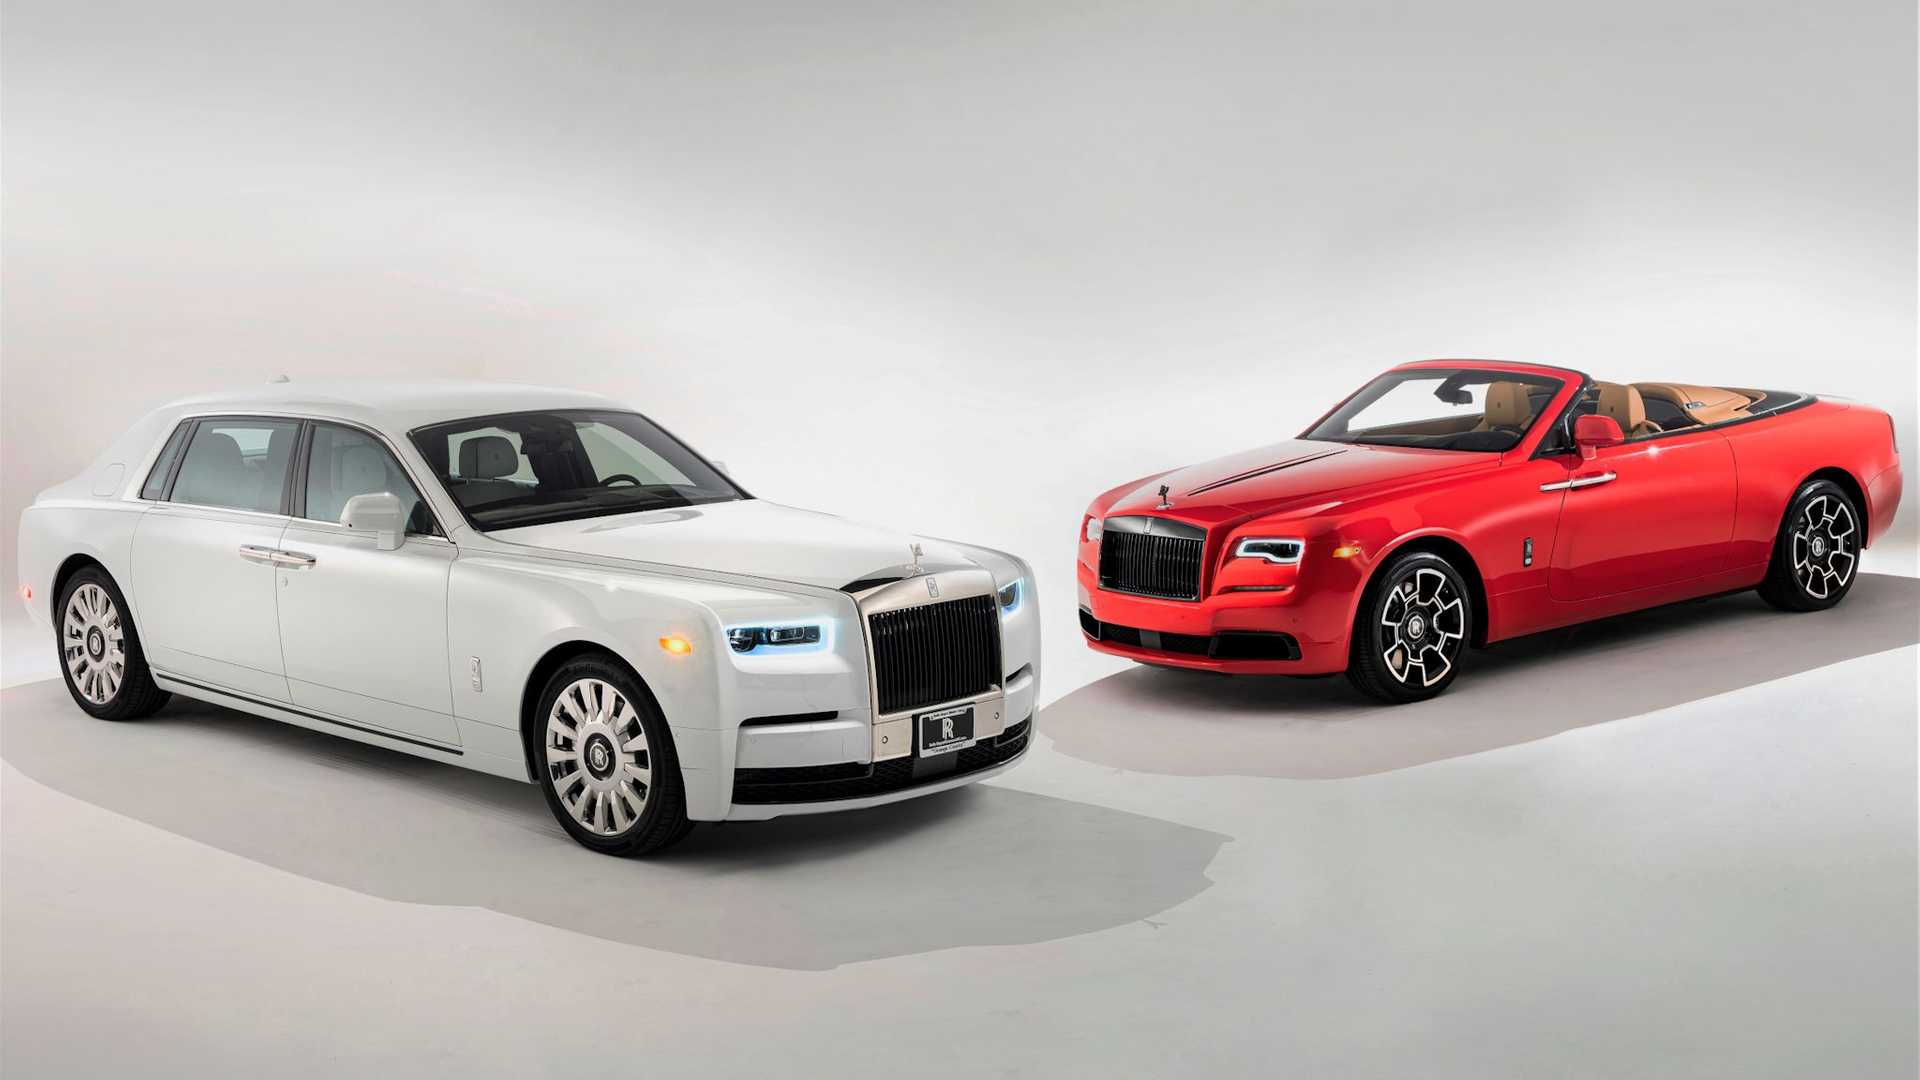 Rolls Royce Phantom Tempus Edition and Dawn